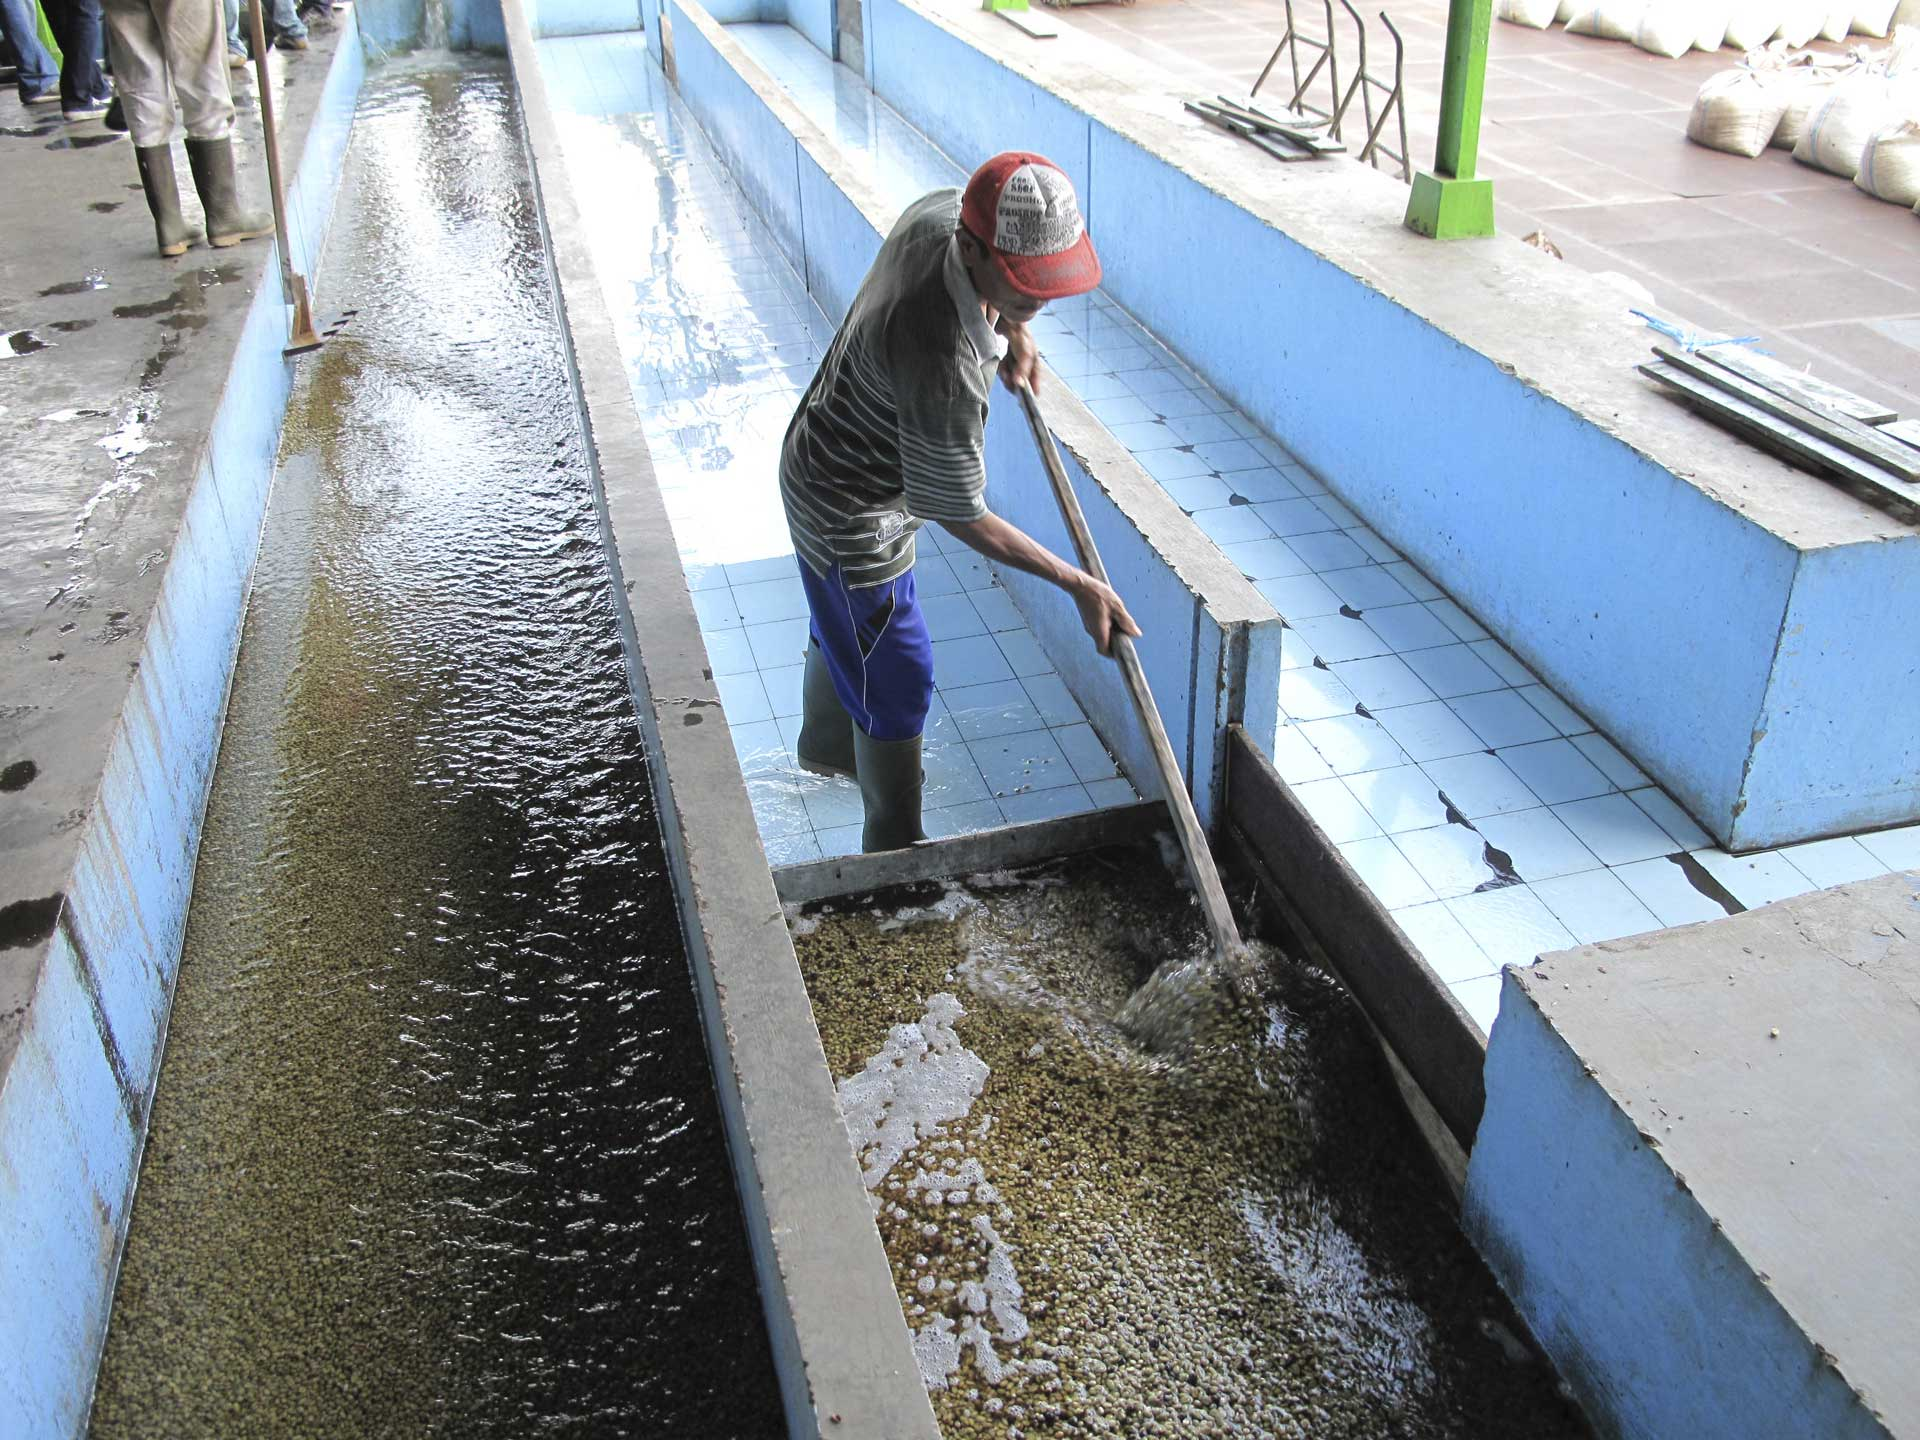 脱肉後に水路でミューシレージを水洗い